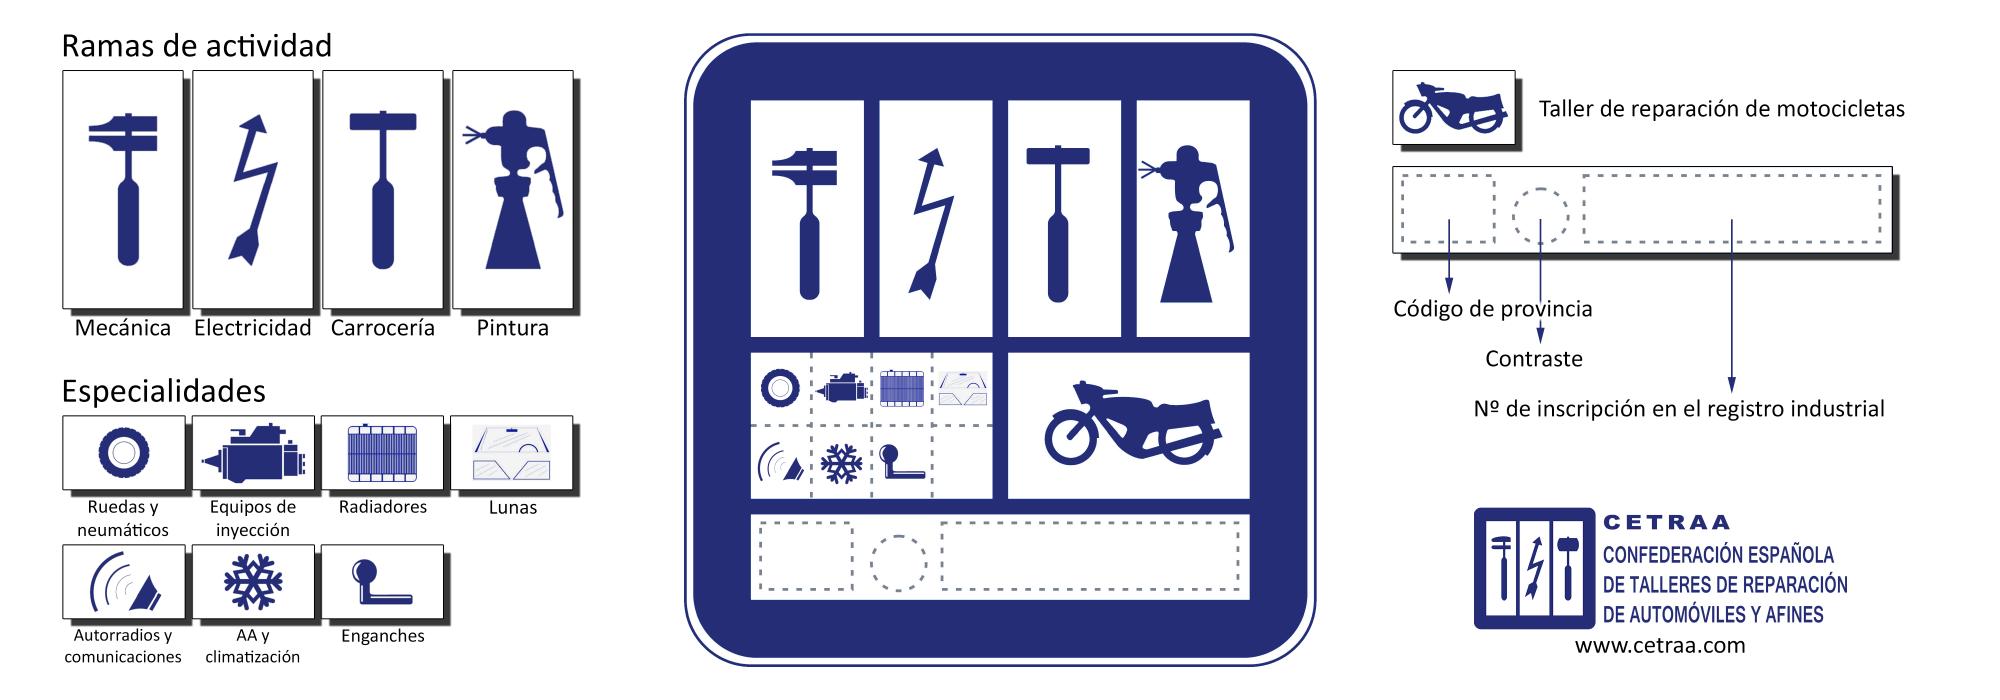 Placa de taller - explicación